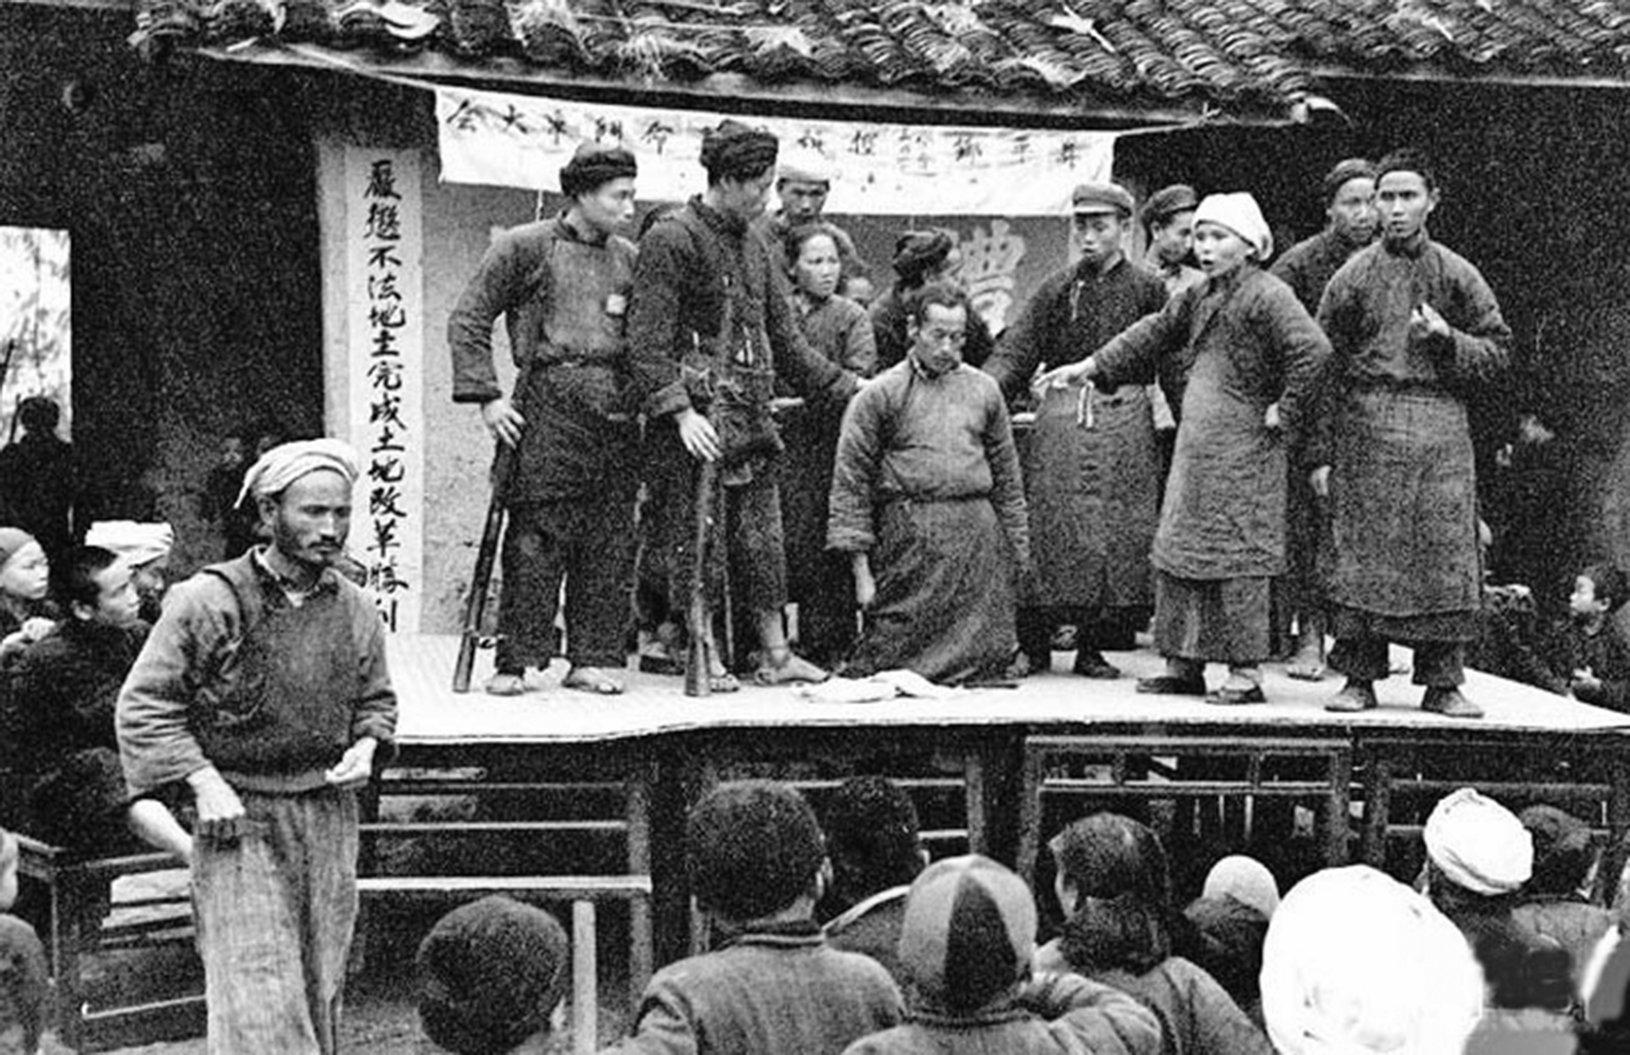 在土改中被批鬥的地主被強迫下跪。(網絡圖片)